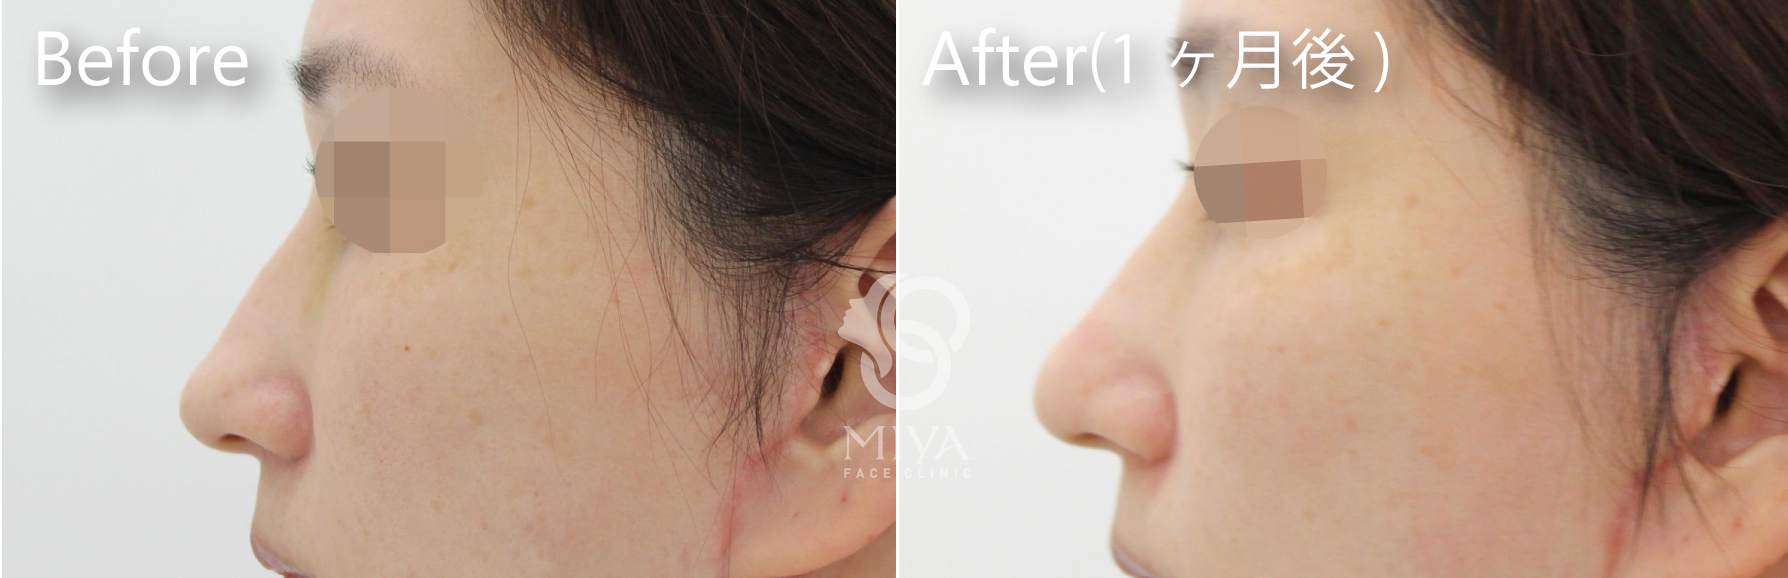 鼻尖縮小症例3